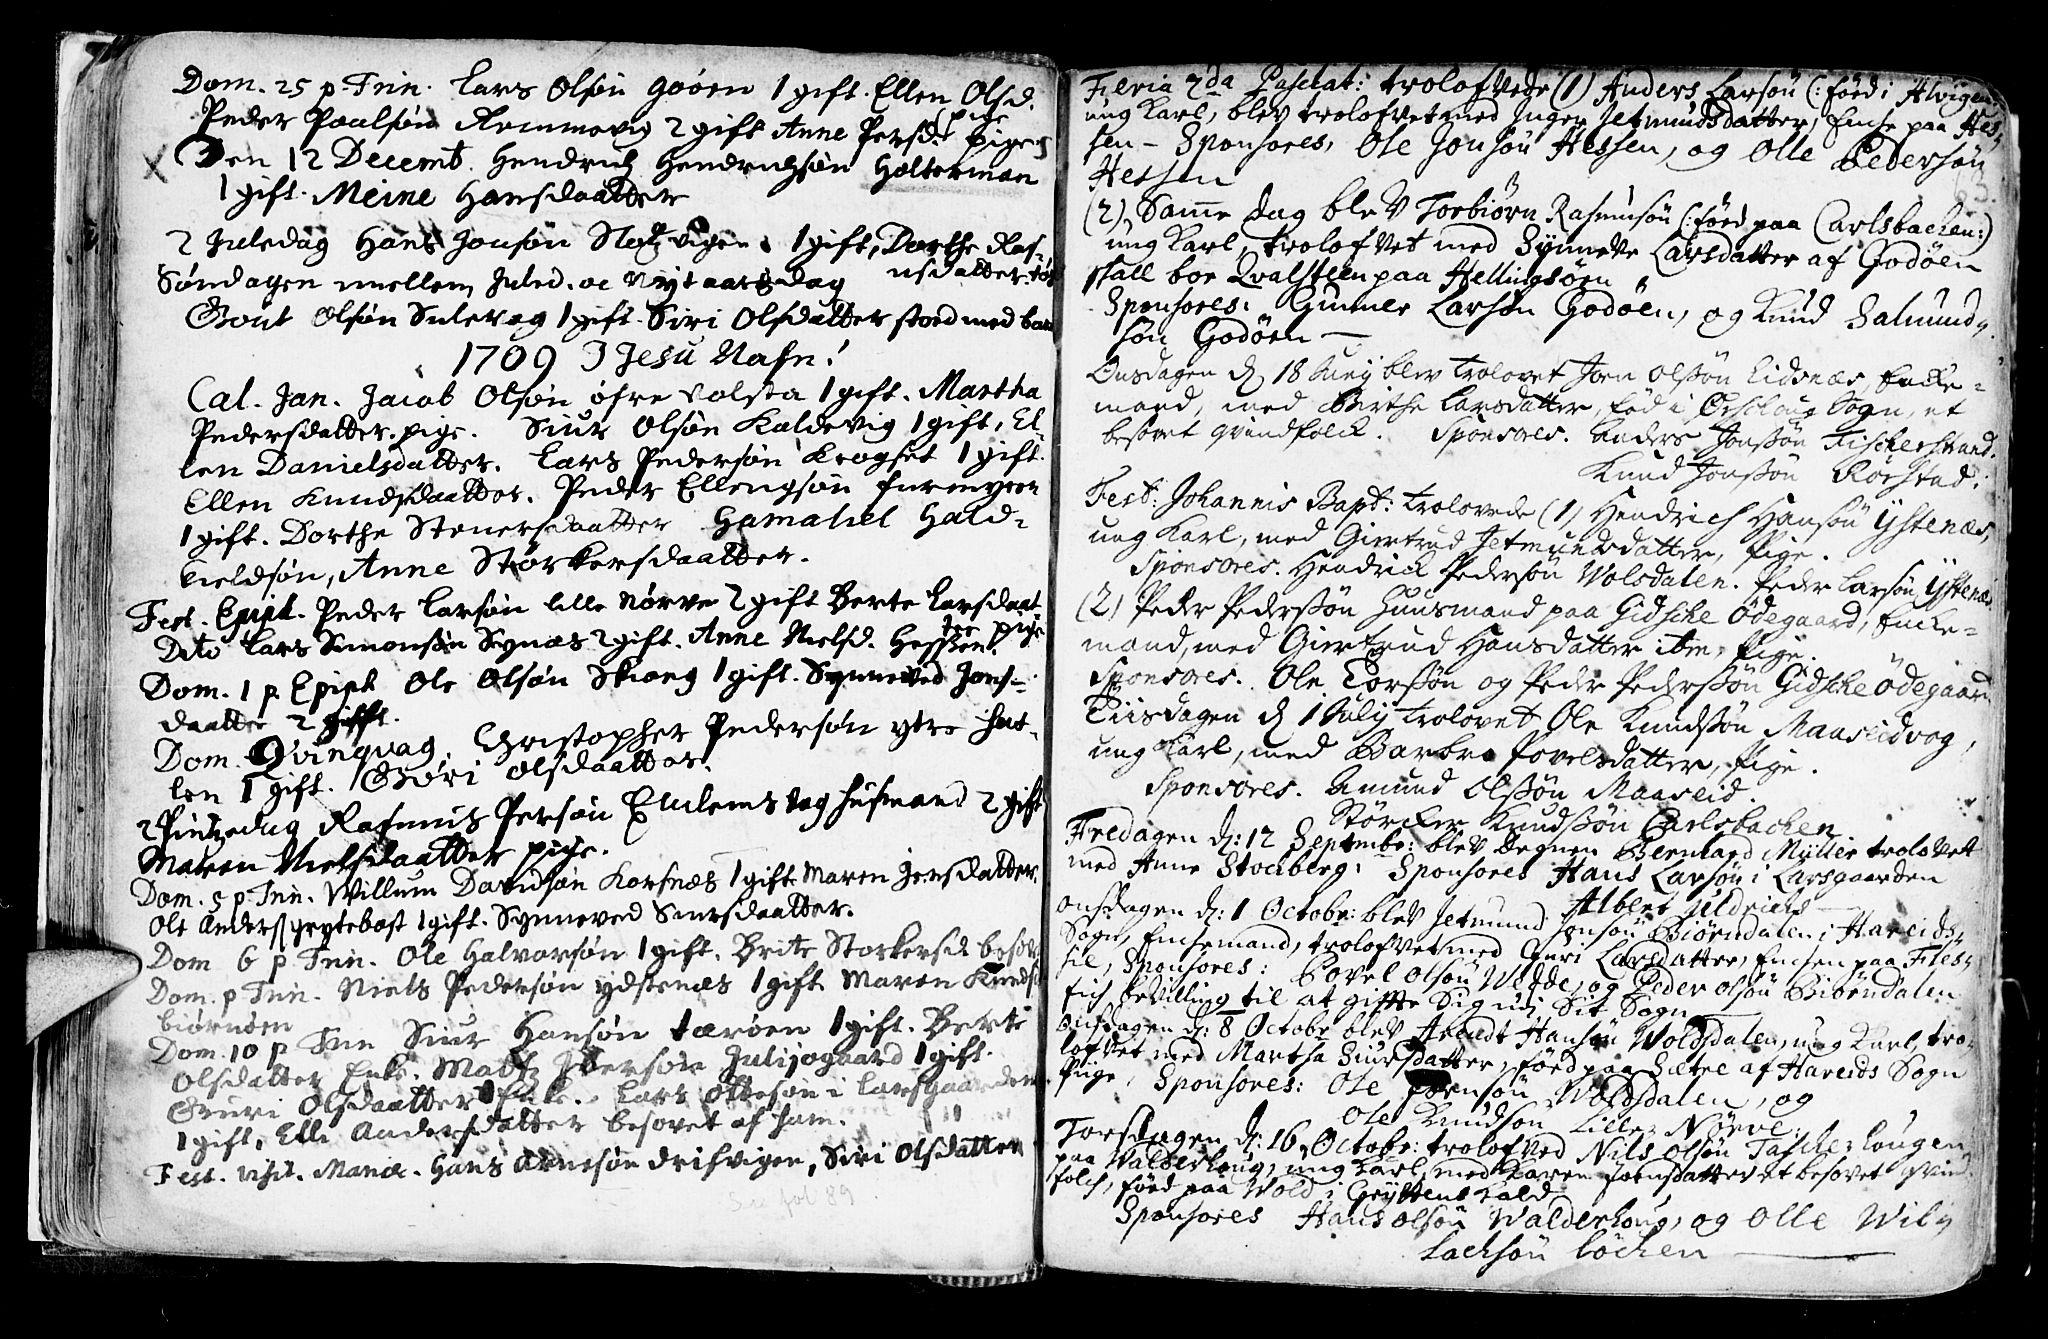 SAT, Ministerialprotokoller, klokkerbøker og fødselsregistre - Møre og Romsdal, 528/L0390: Ministerialbok nr. 528A01, 1698-1739, s. 62-63